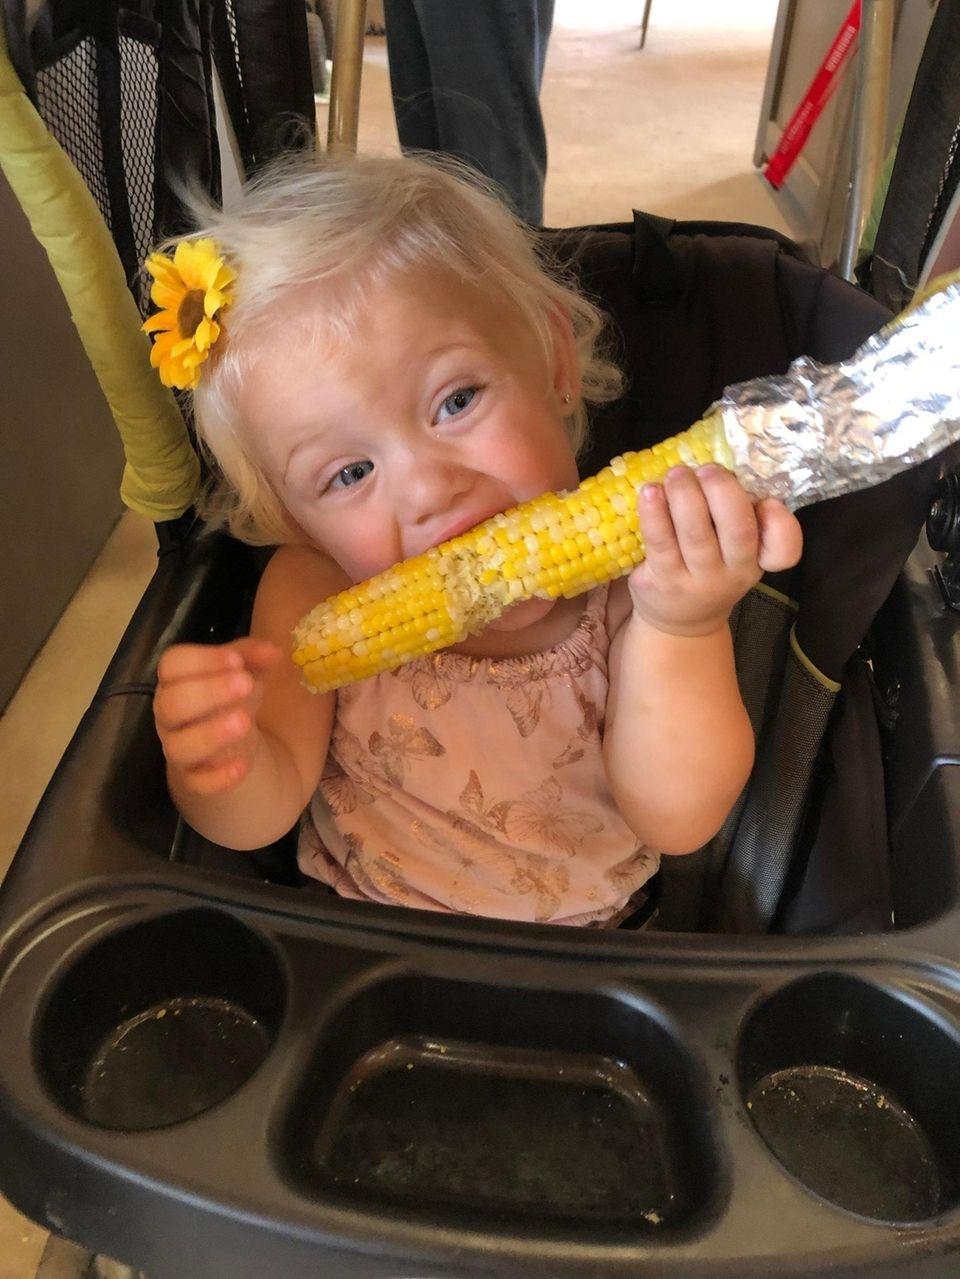 Enjoying some roasted corn at Waterdrinker farm.